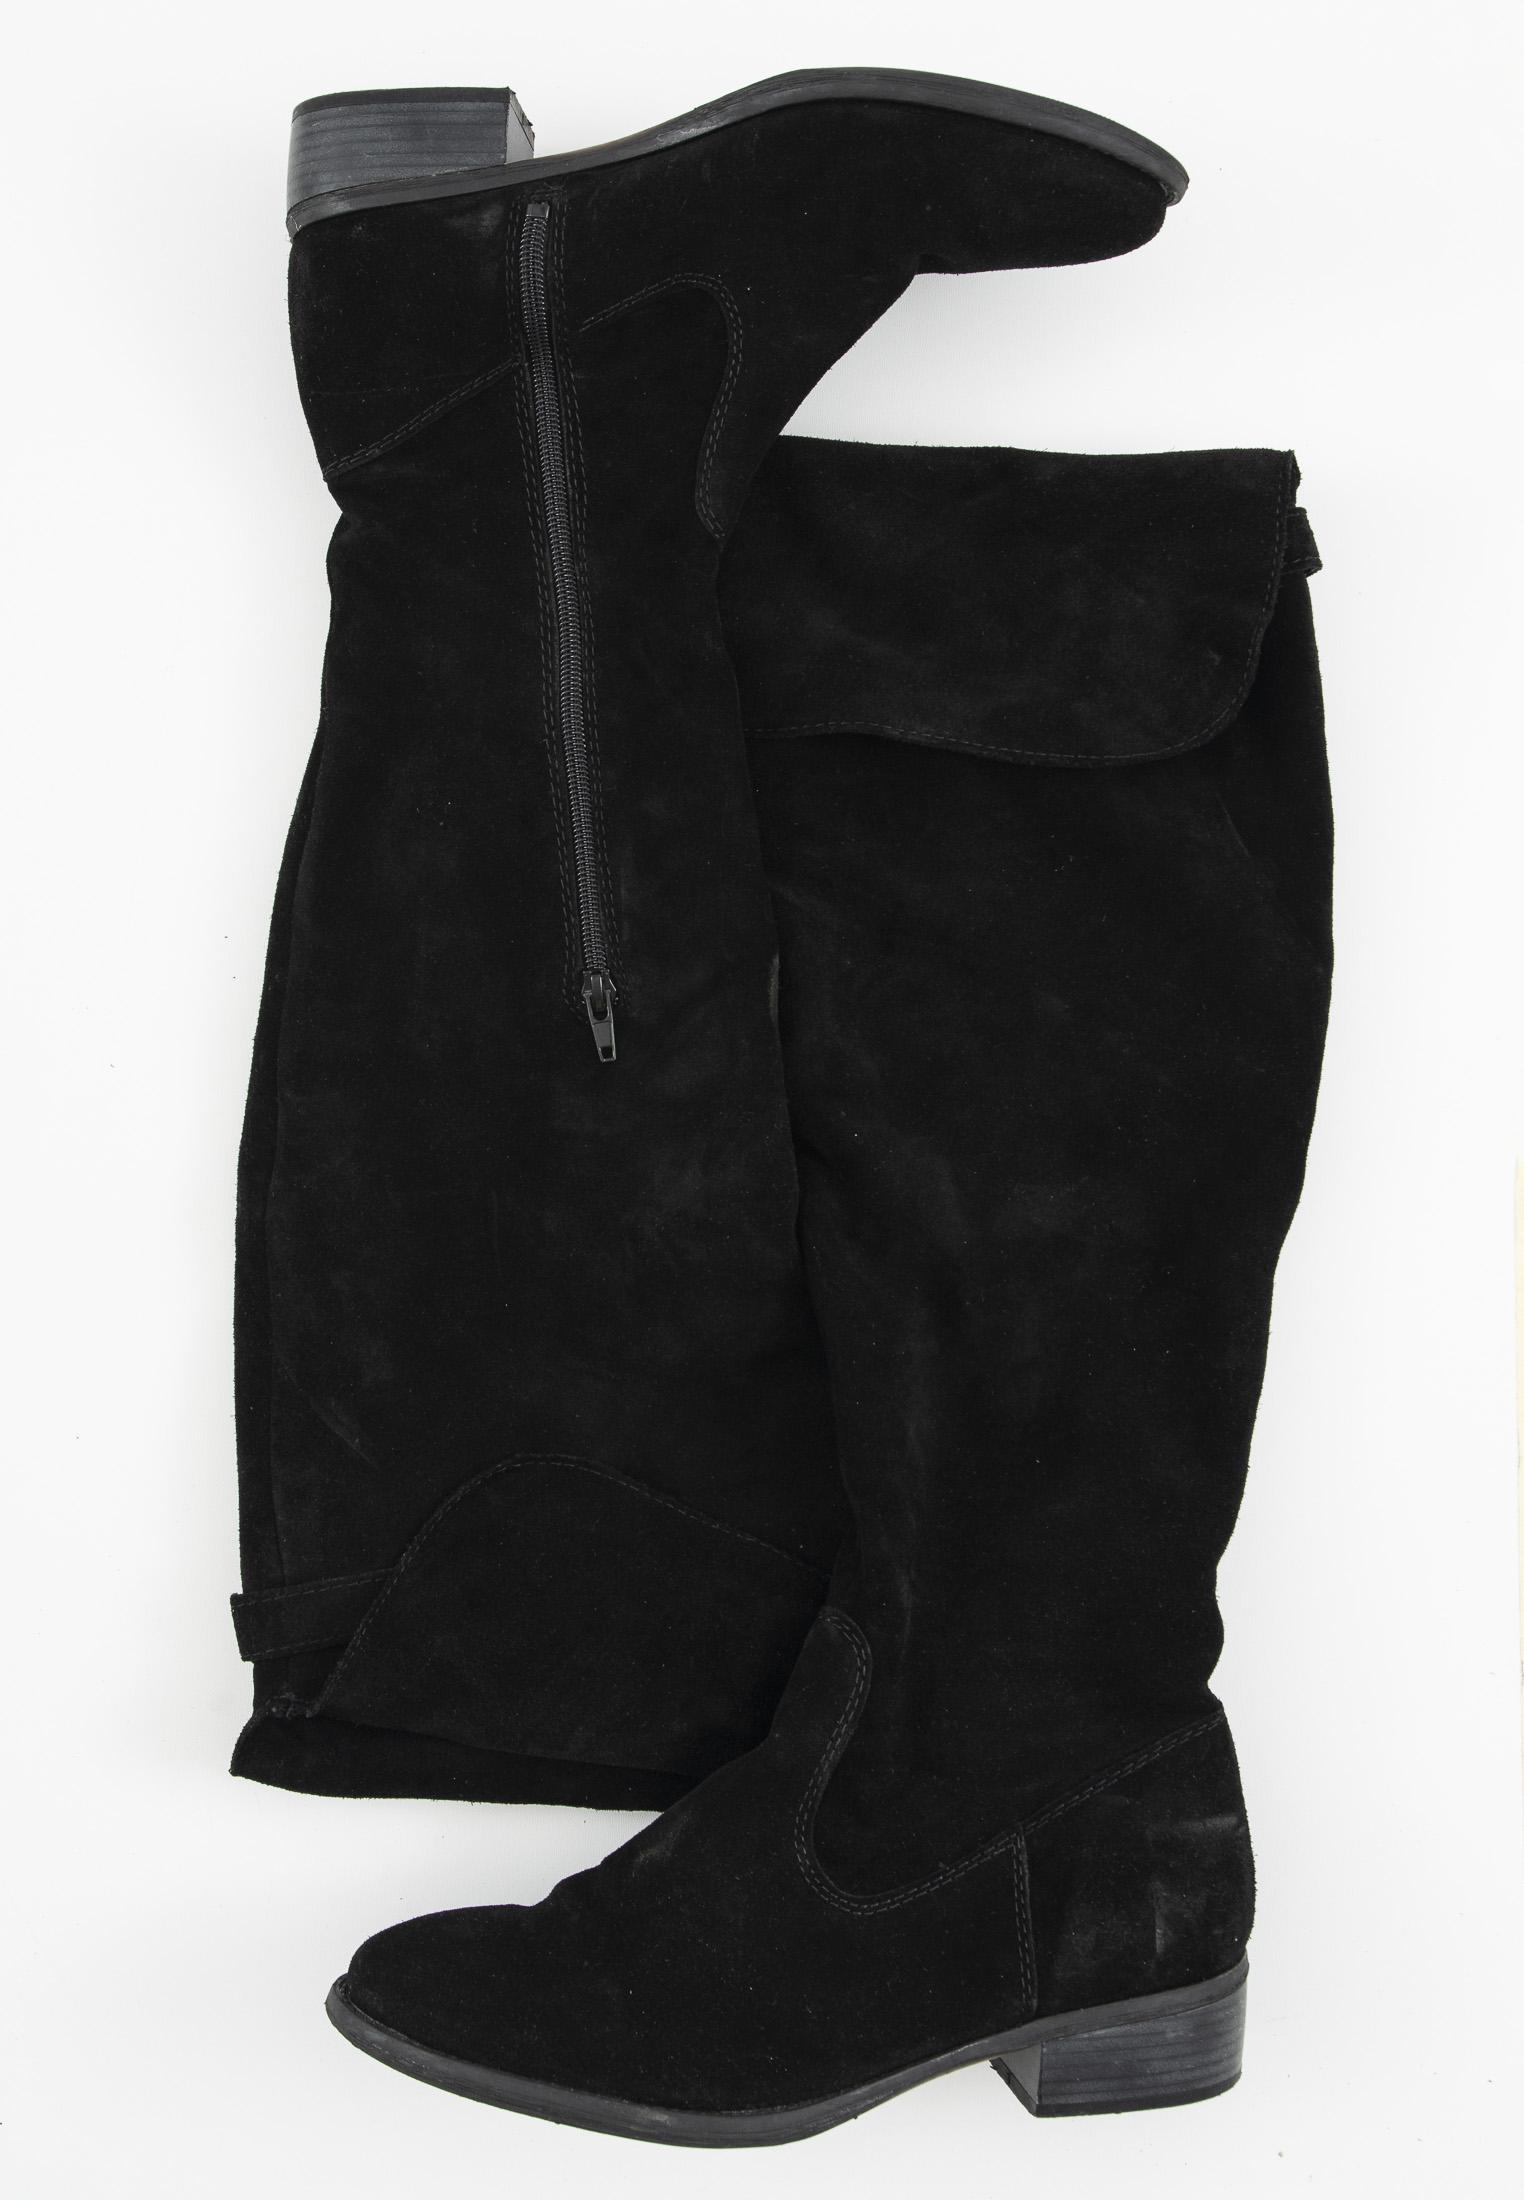 Tamaris Stiefel / Stiefelette / Boots Schwarz Gr.39